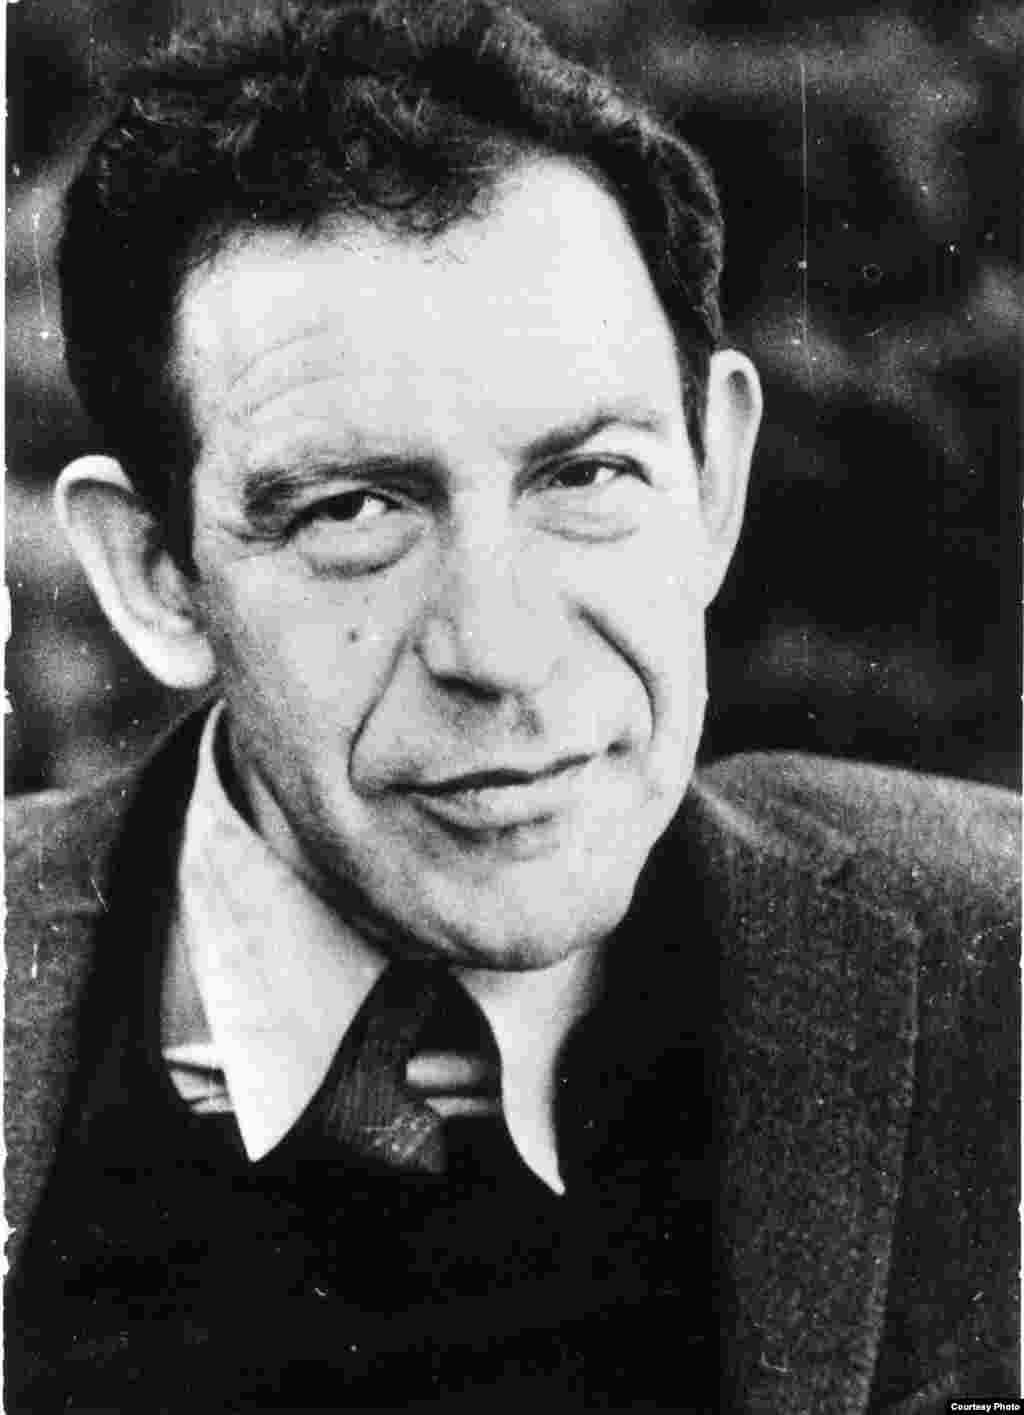 Юлий Даниэль до ареста в 1965 г. Фото из архива Международного Мемориала.